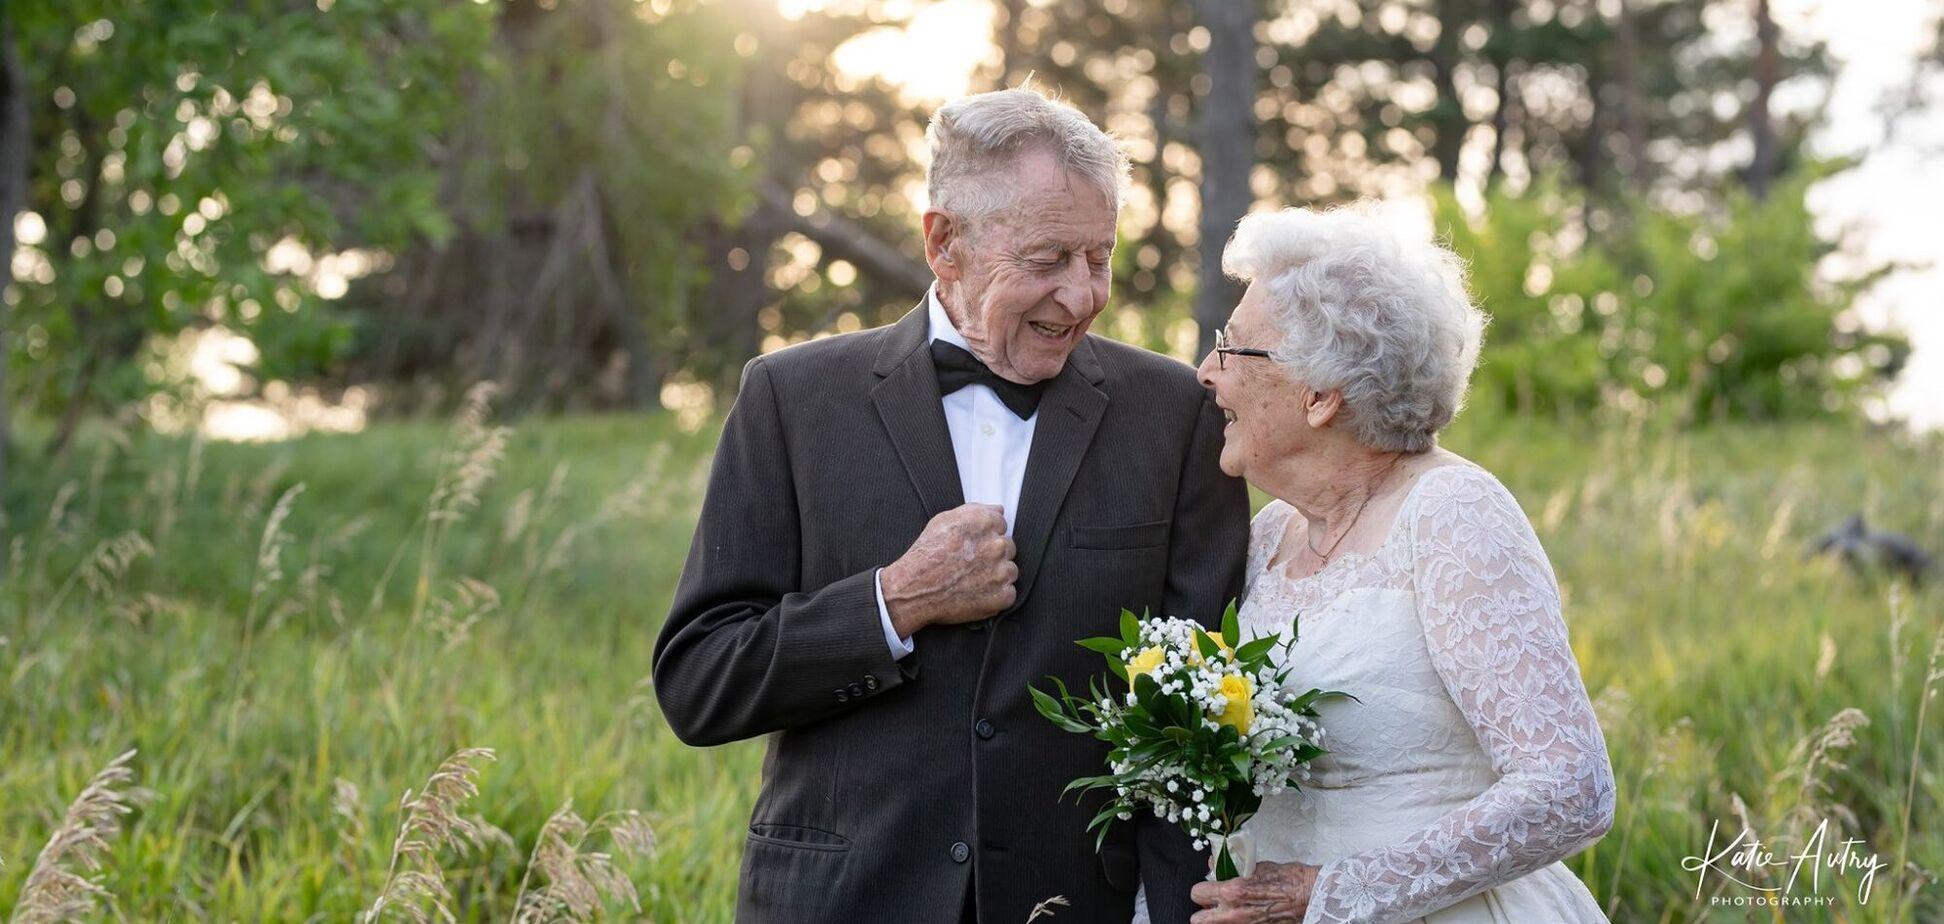 60-річчя шлюбу Люсіль і Марвін Стоун відсвяткували фотосесією